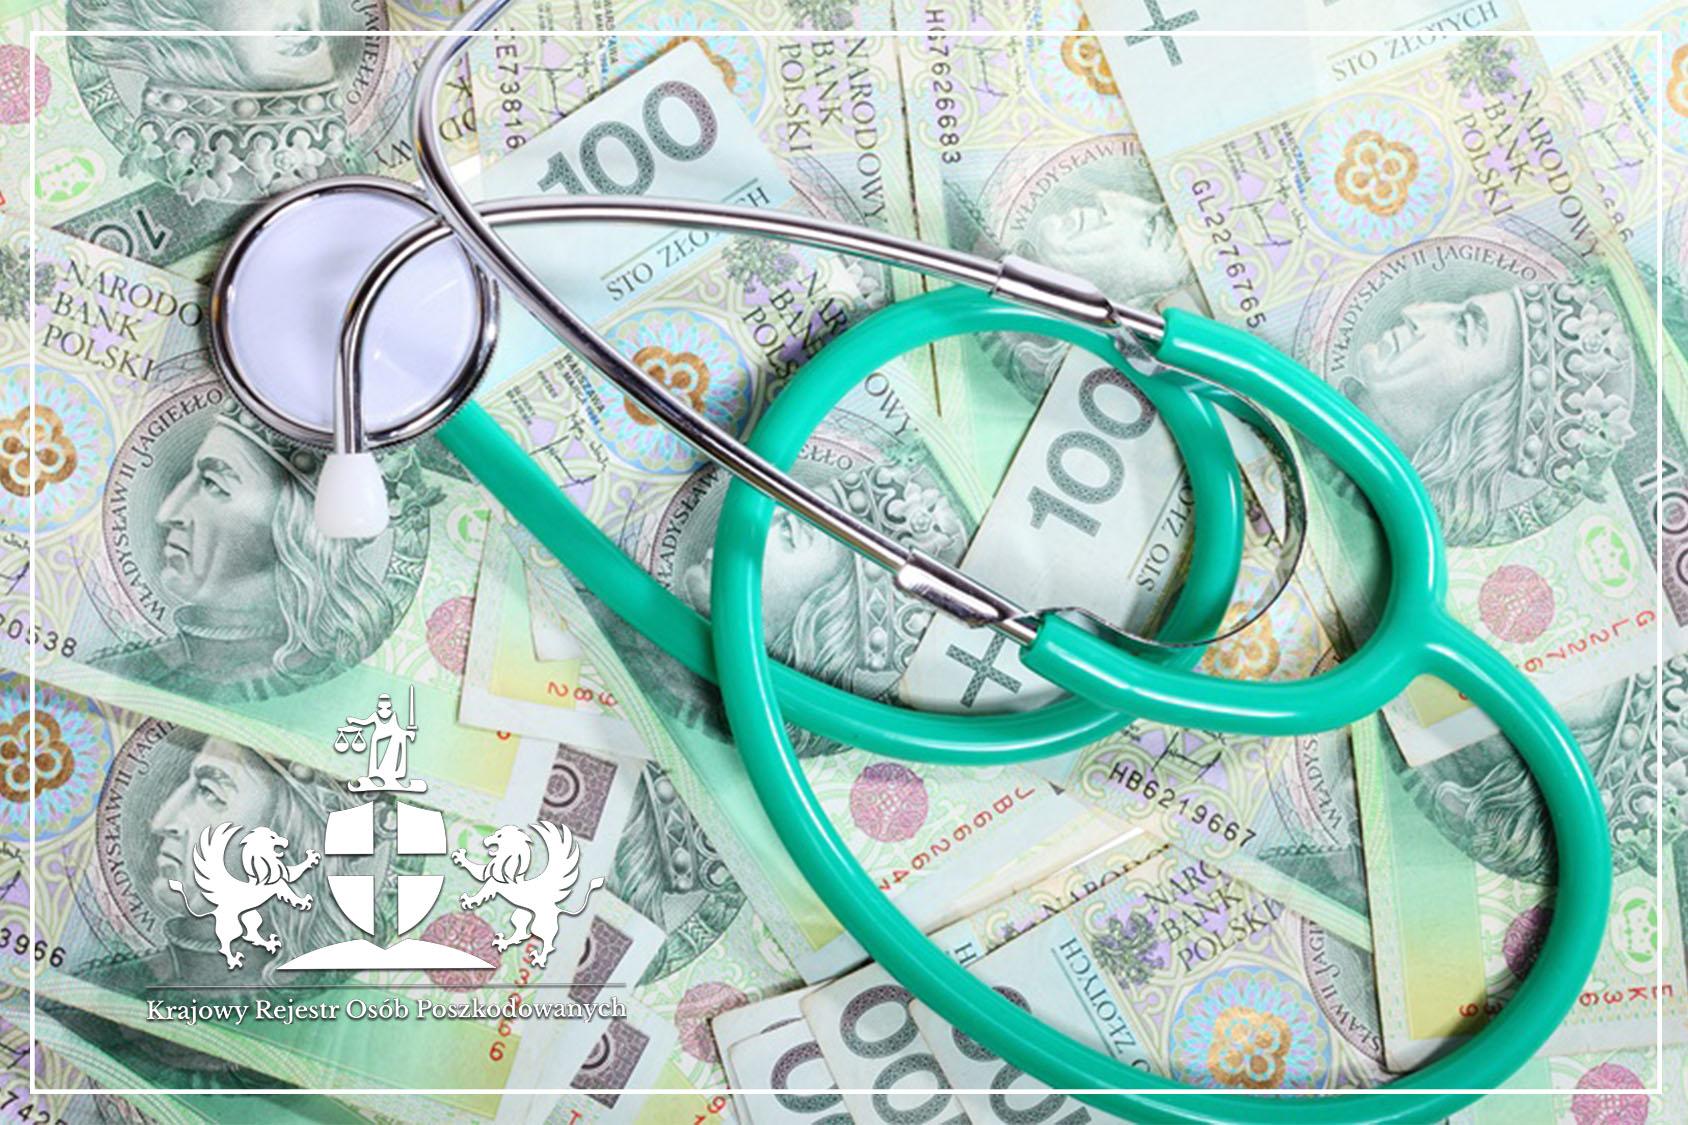 Odszkodowanie od szpitala za błąd lekarski